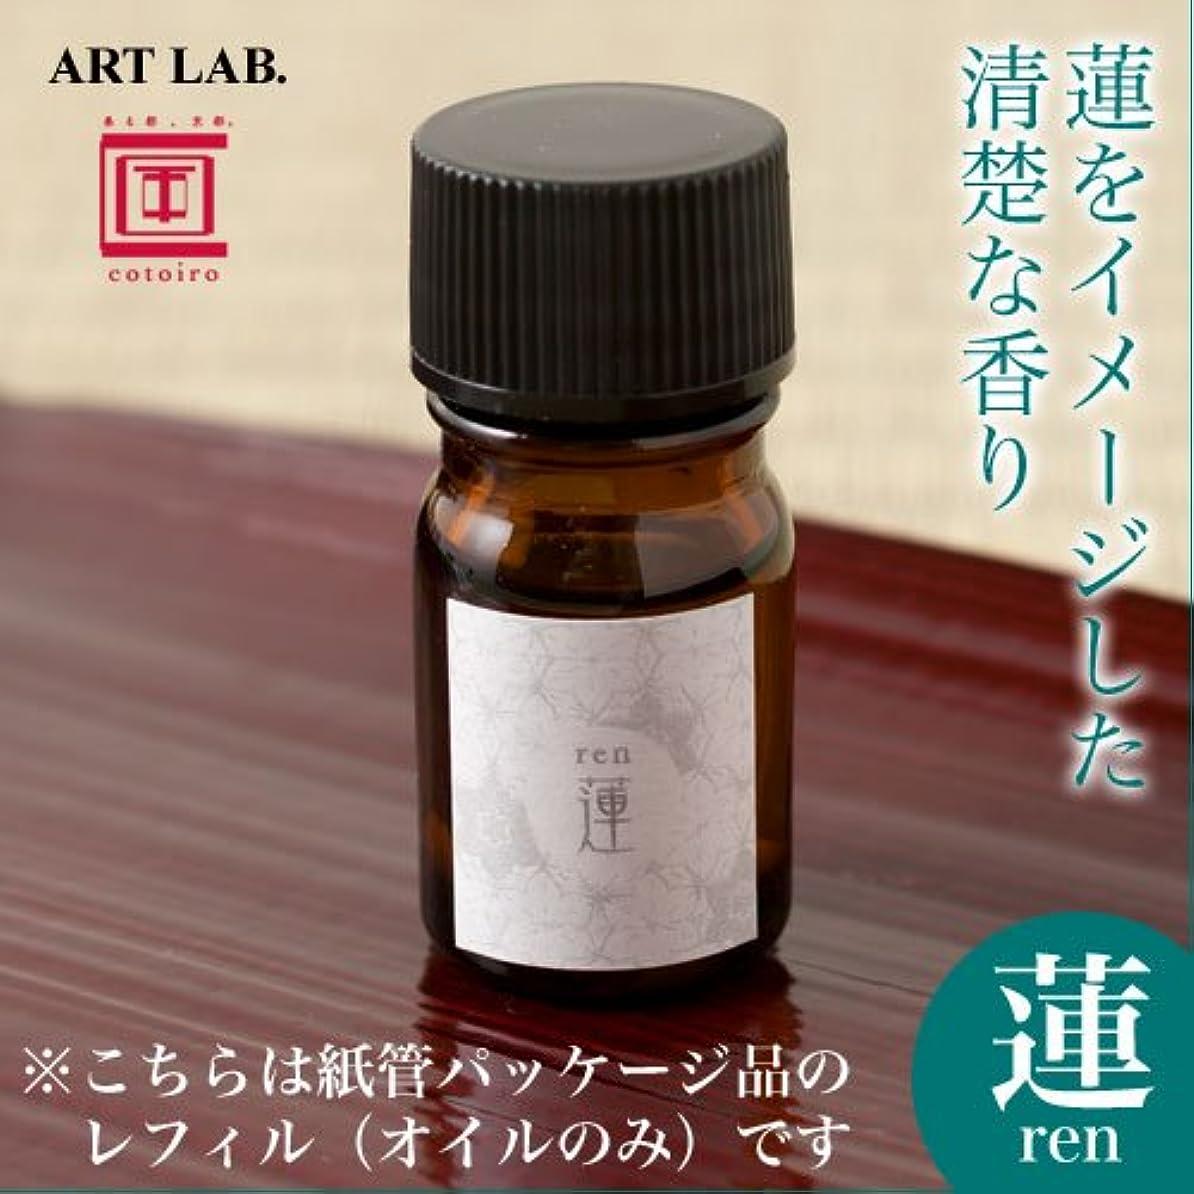 完全に乾く実験的会議ART LAB cotoiro香油蓮 renレフィル